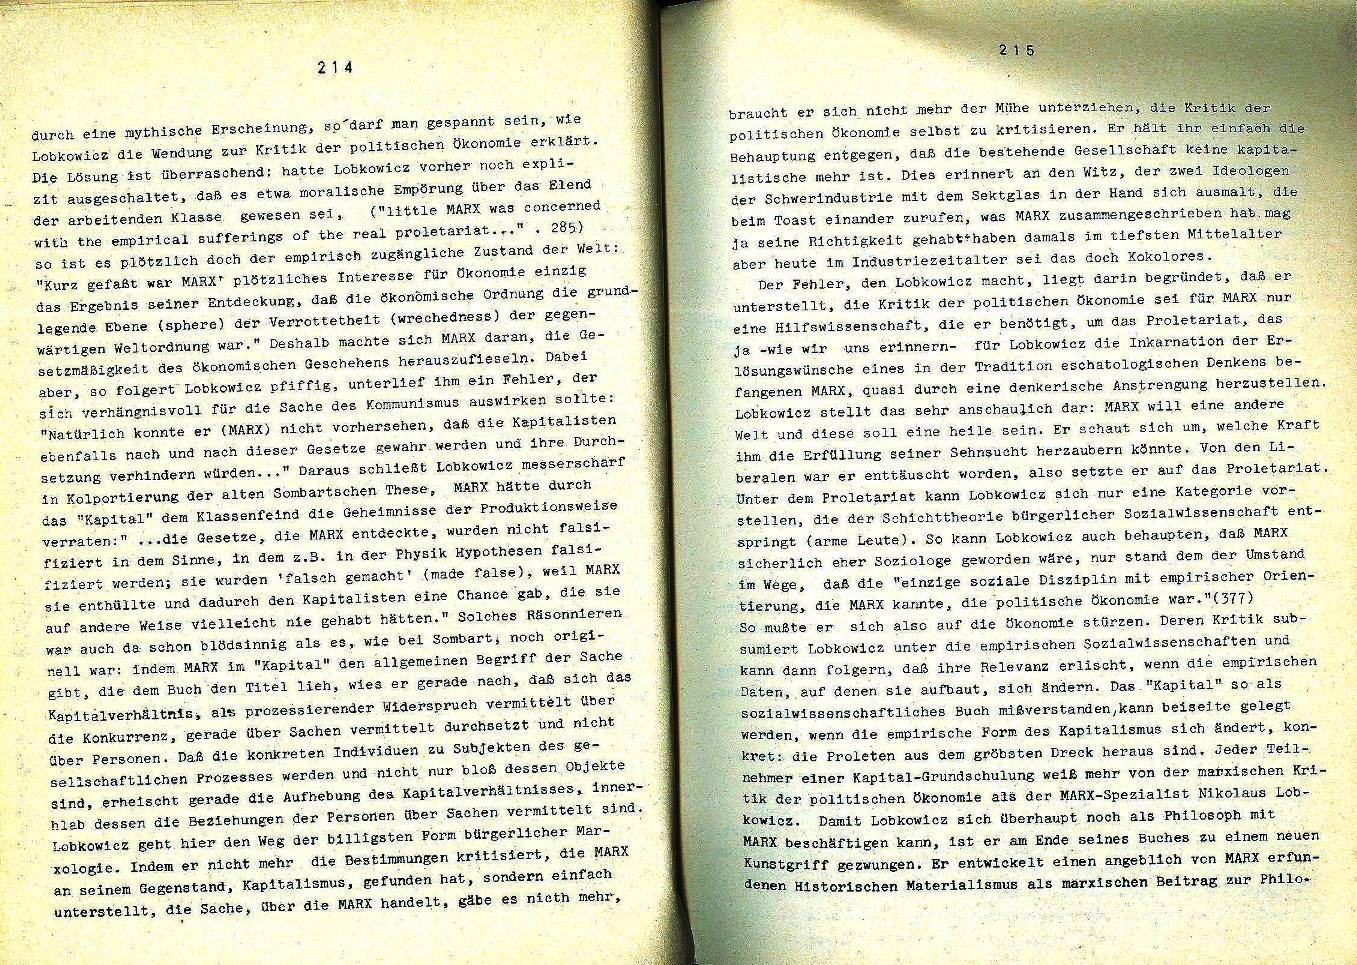 Muenchen_AK_Sozialistisches_Studium112